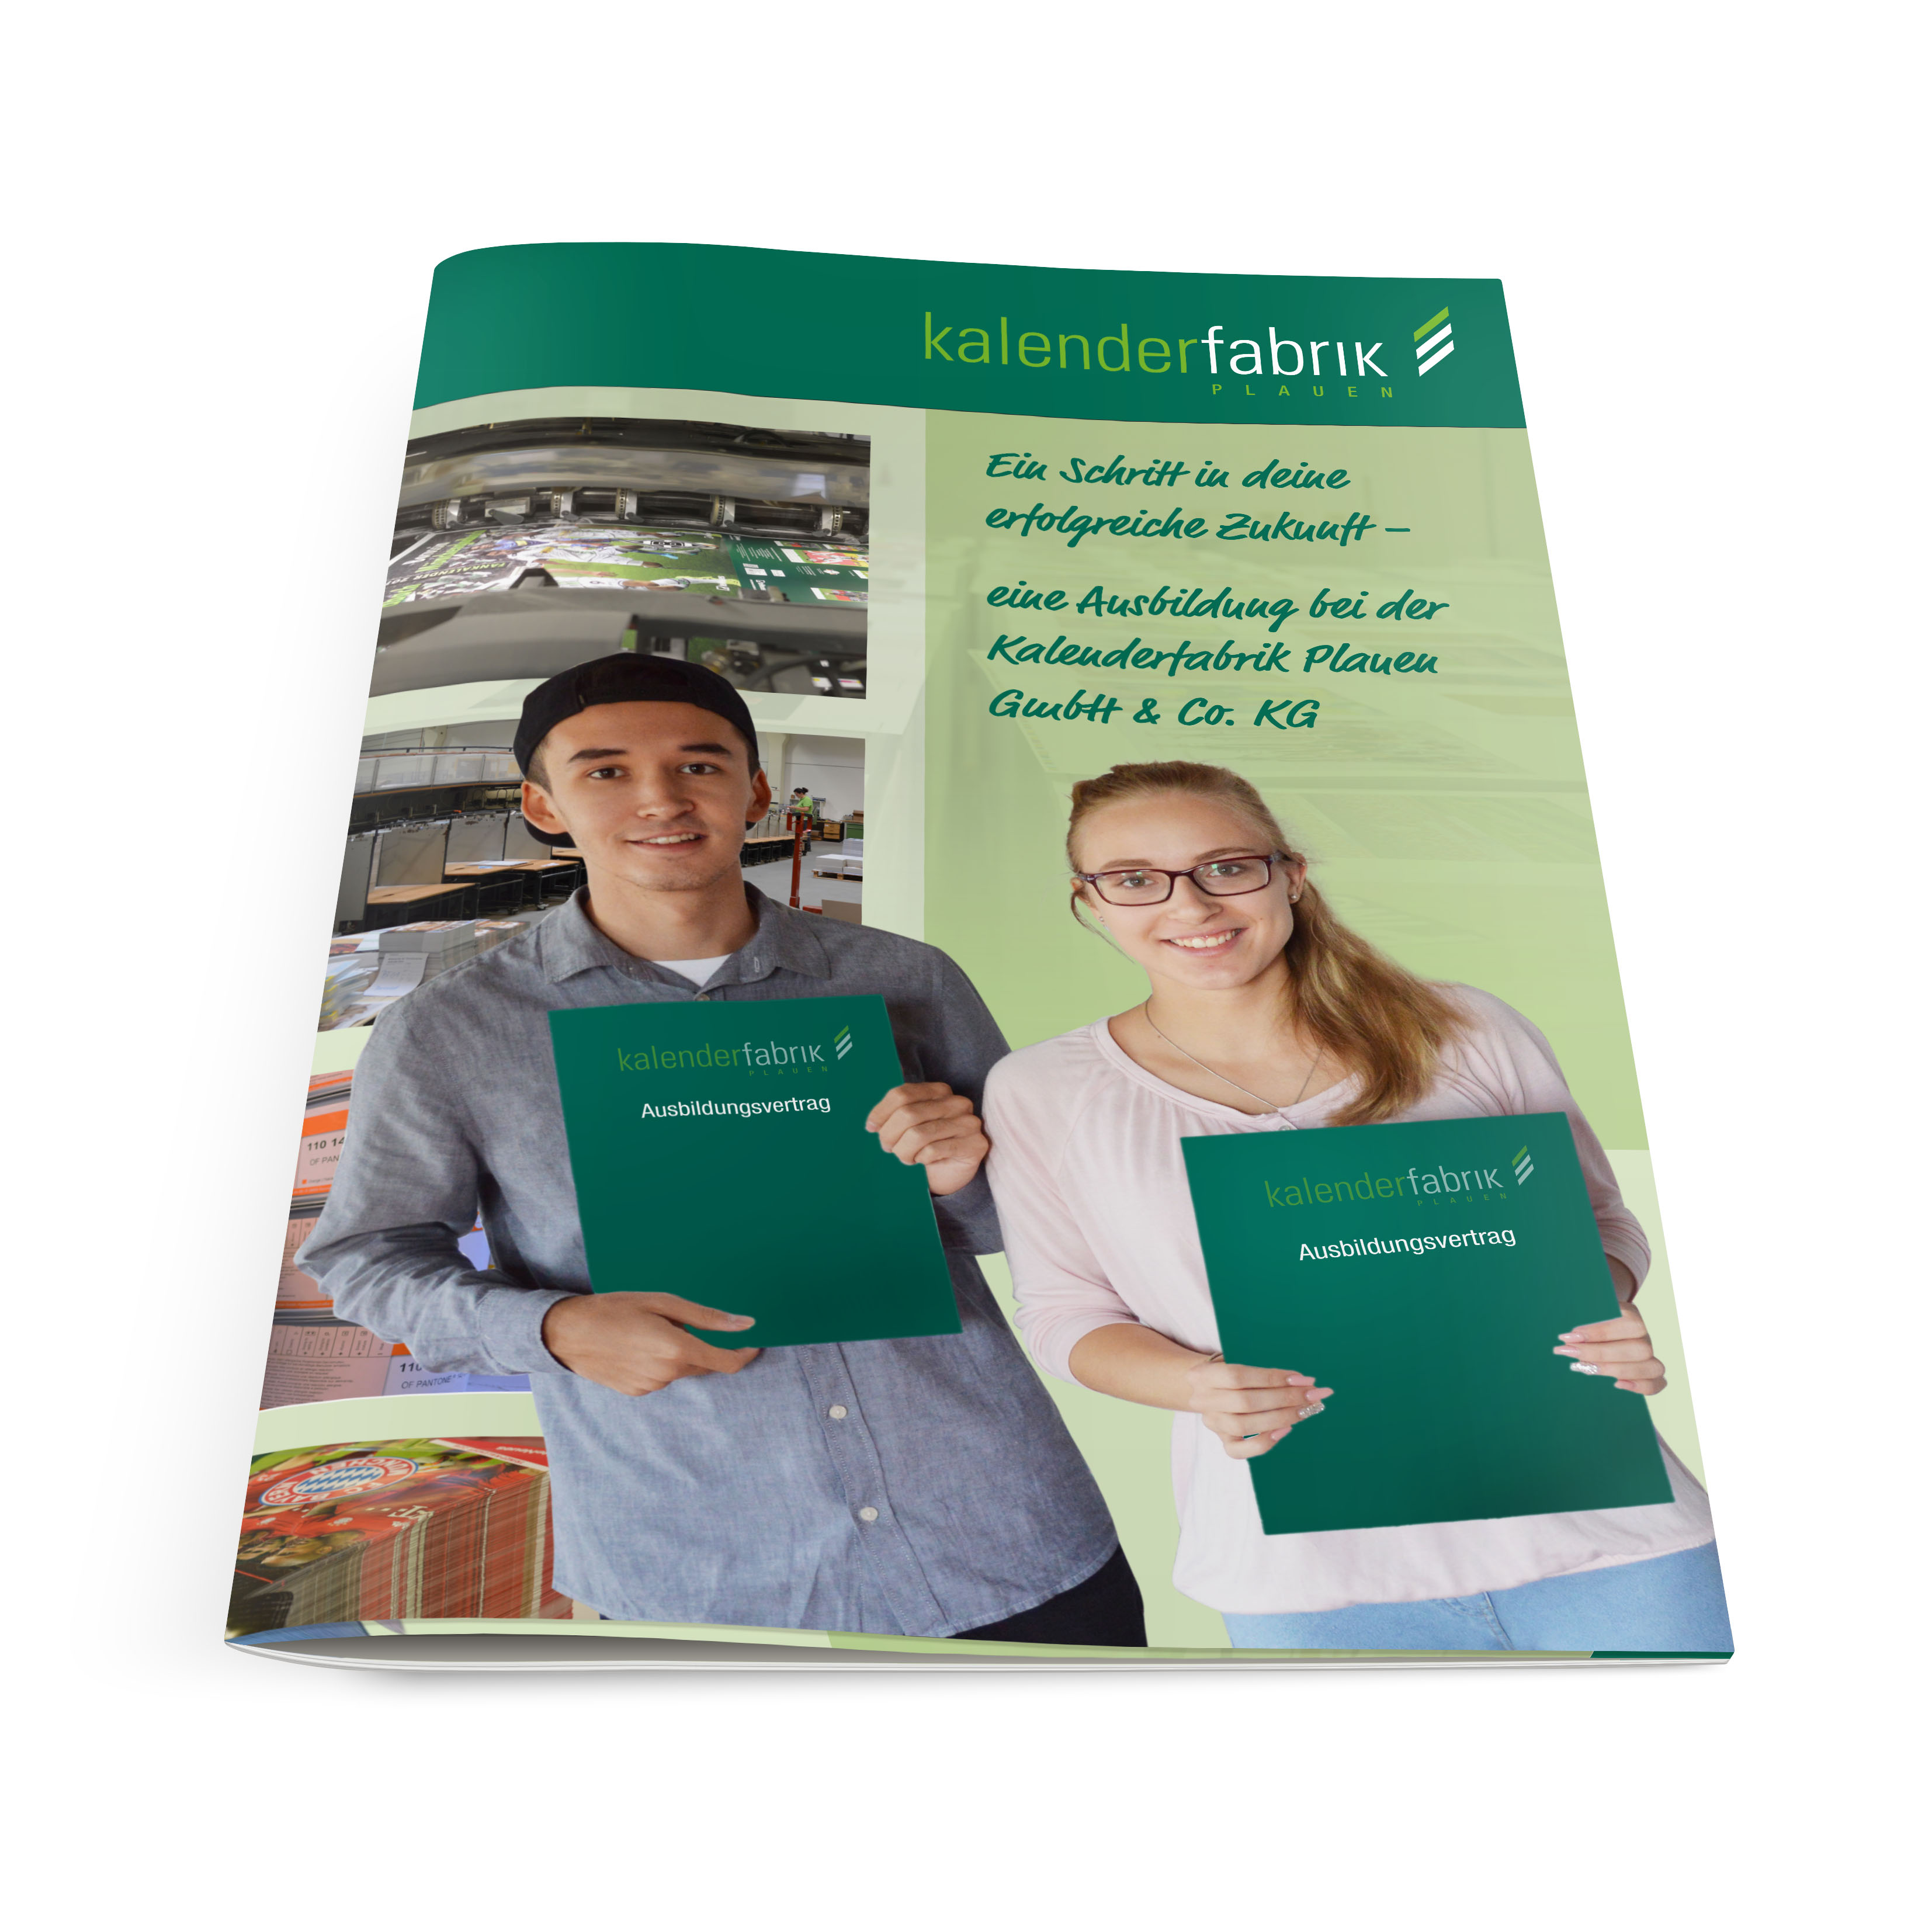 Kalenderfabrik Plauen Prospekt für Ausbildungsmesse